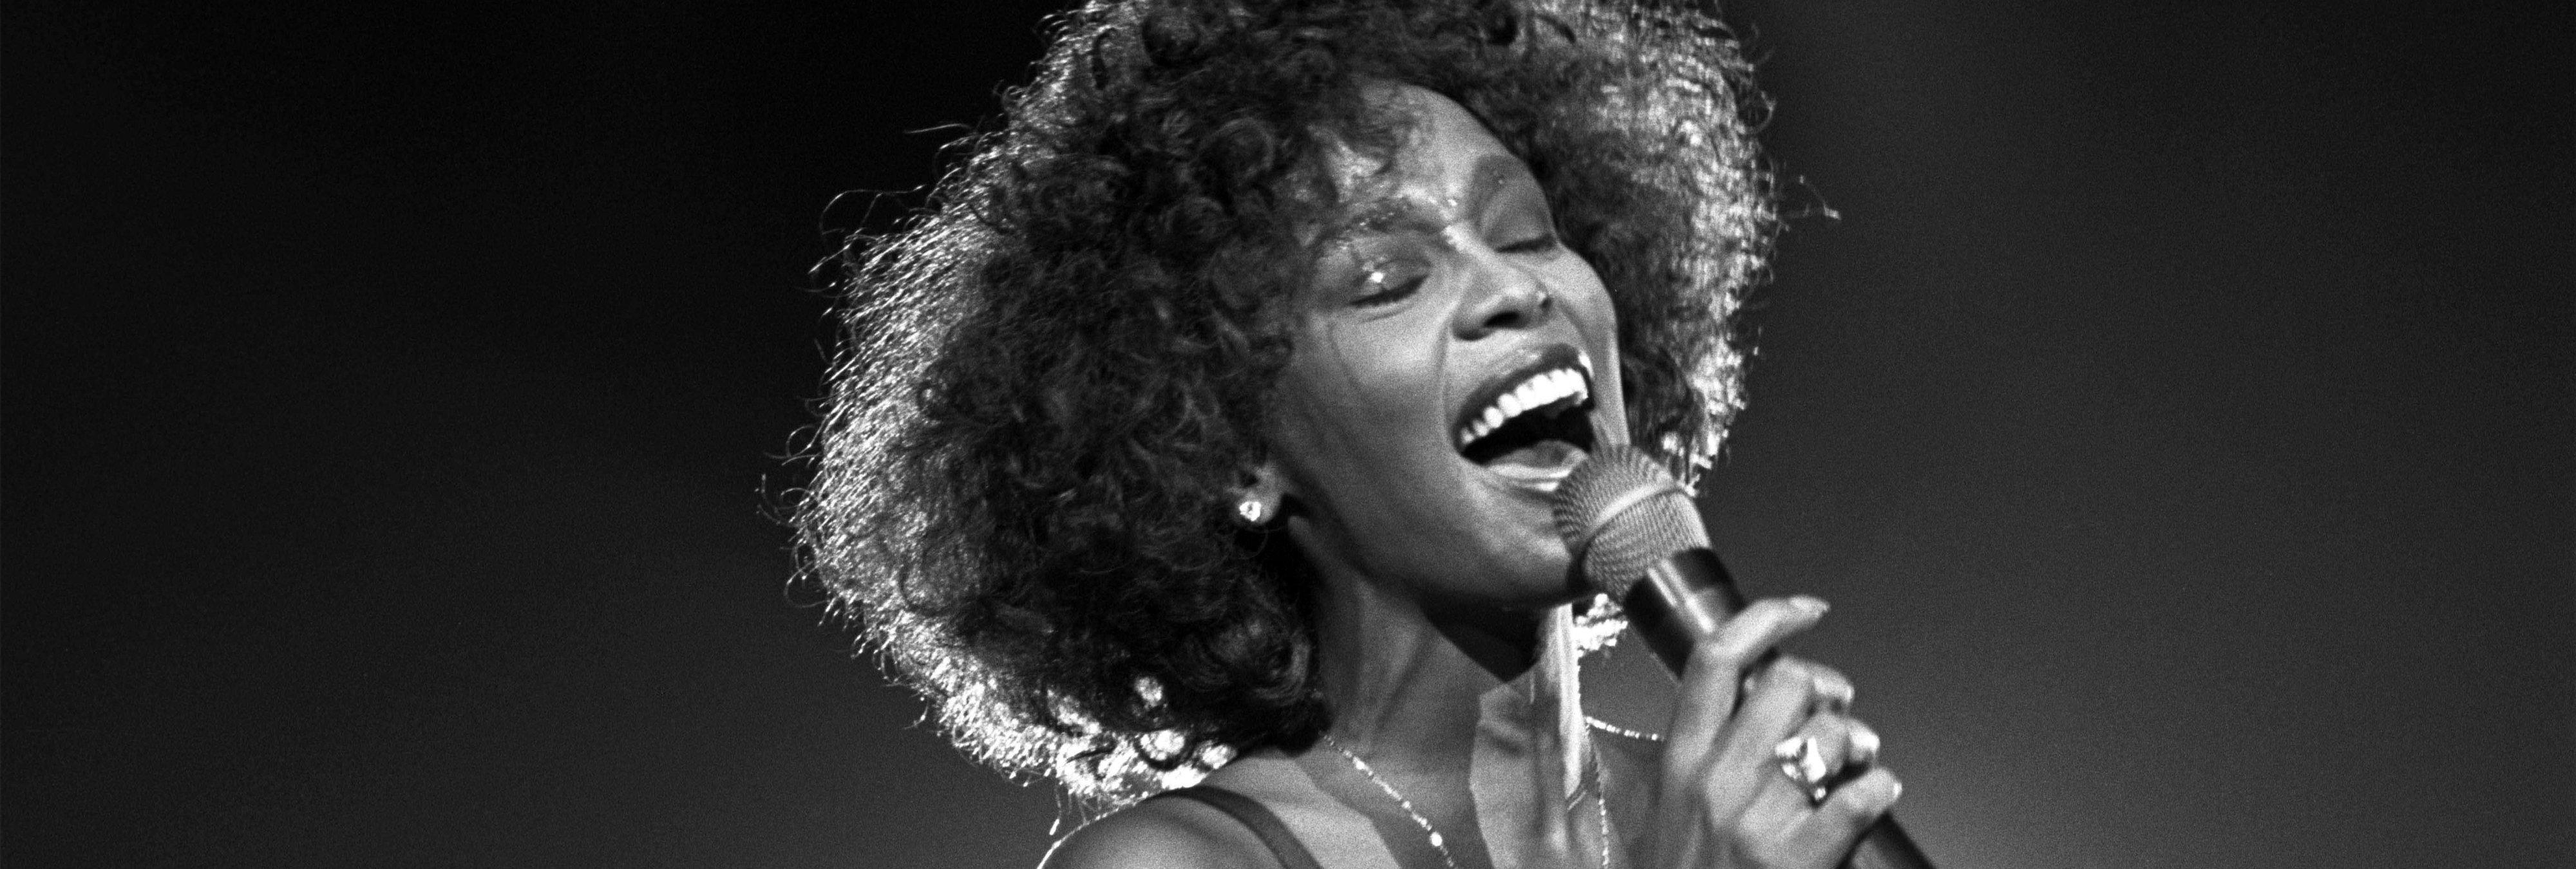 Las 10 canciones más icónicas de Whitney Houston